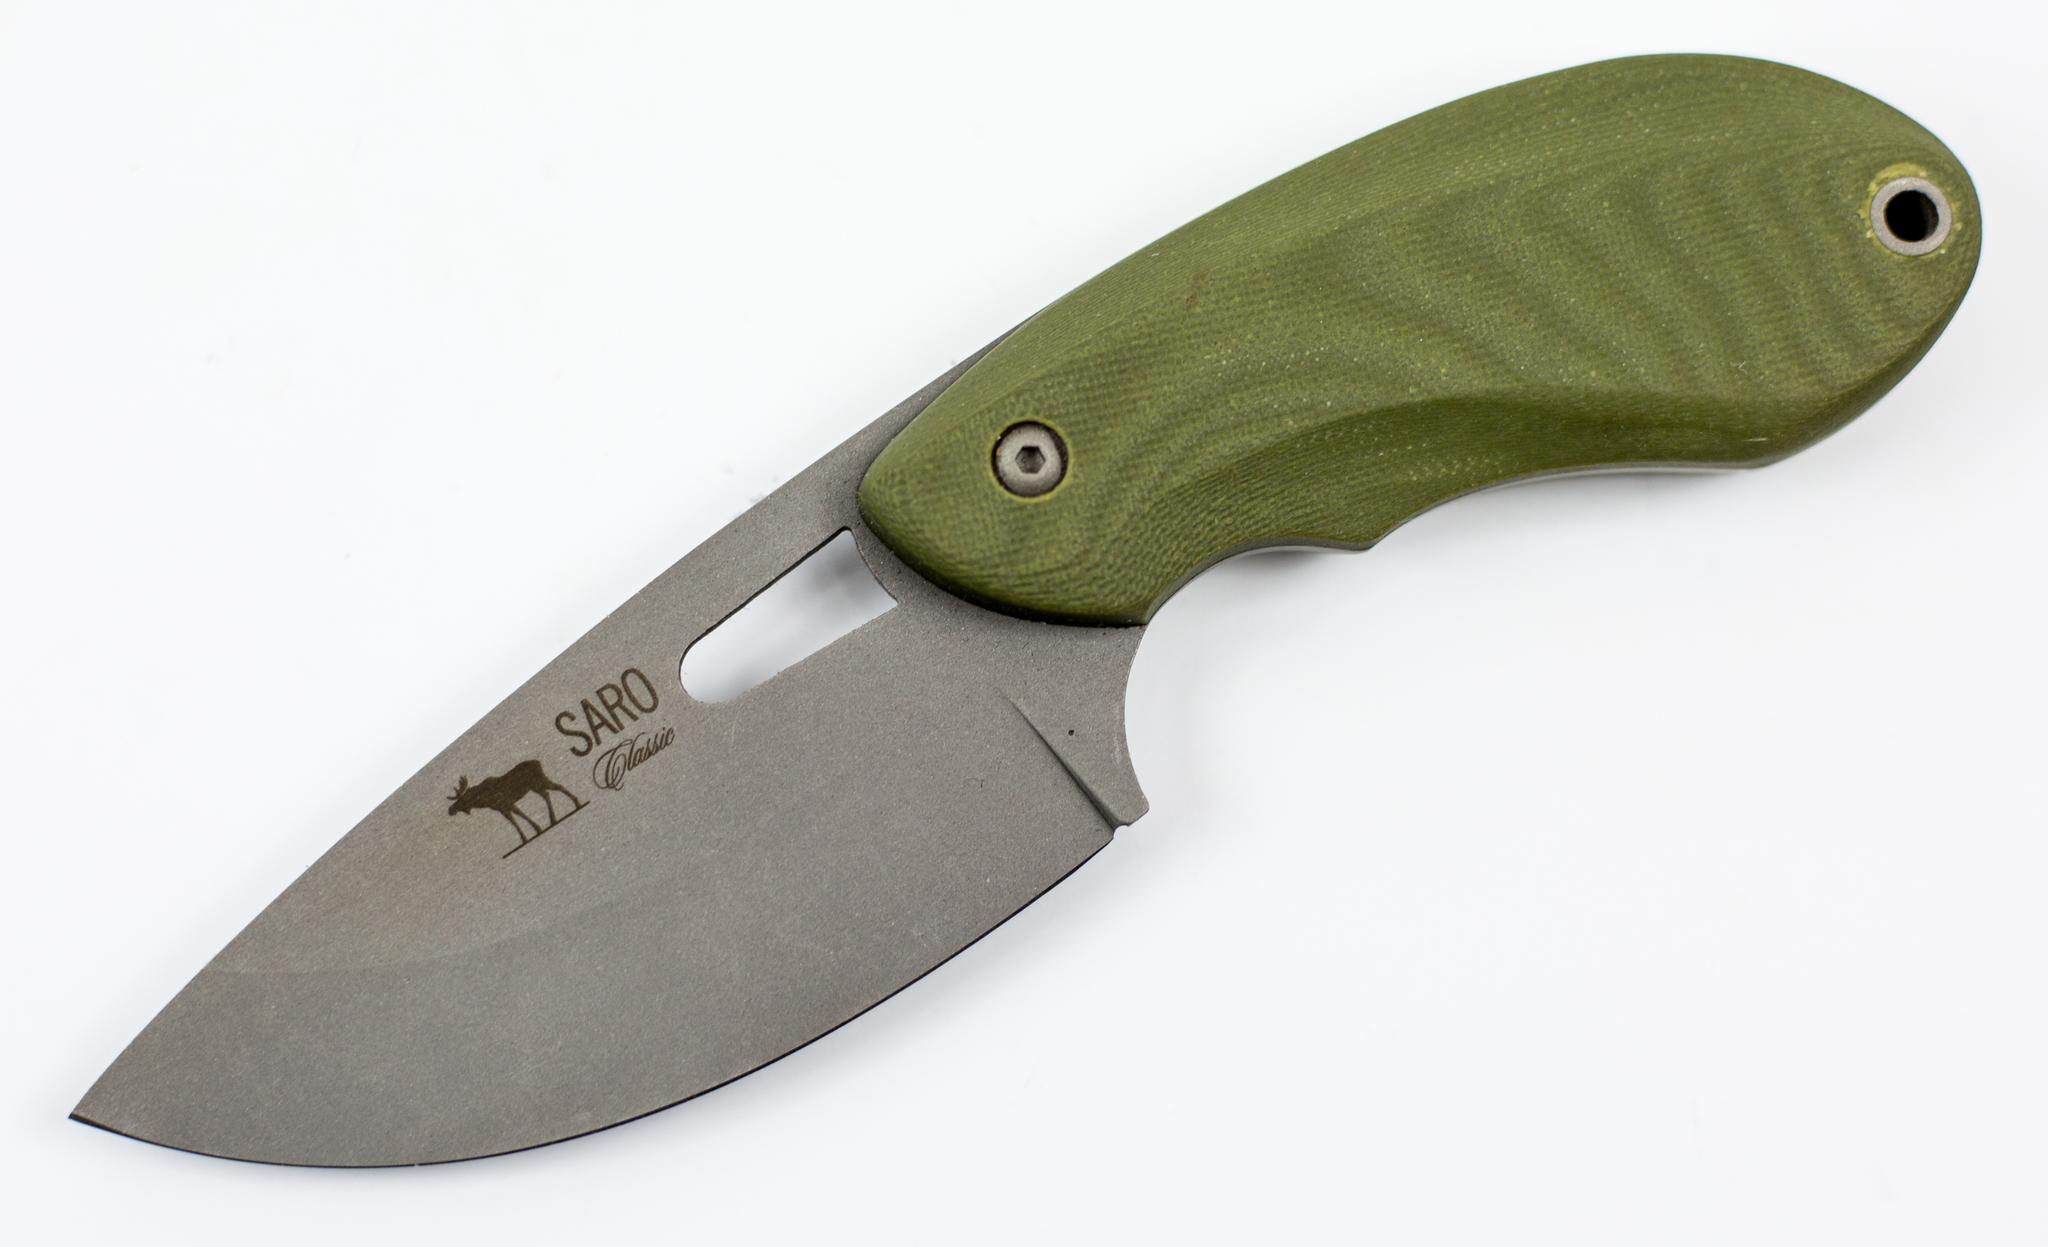 Нож «Куница», хамелеонНожи Ворсма<br>Сталь: Нержавеющая сталь65Х13Материал рукояти: G10Общая длина: 160±15Длина клинка: 75±10Толщина обуха: 2,0±1,0<br>